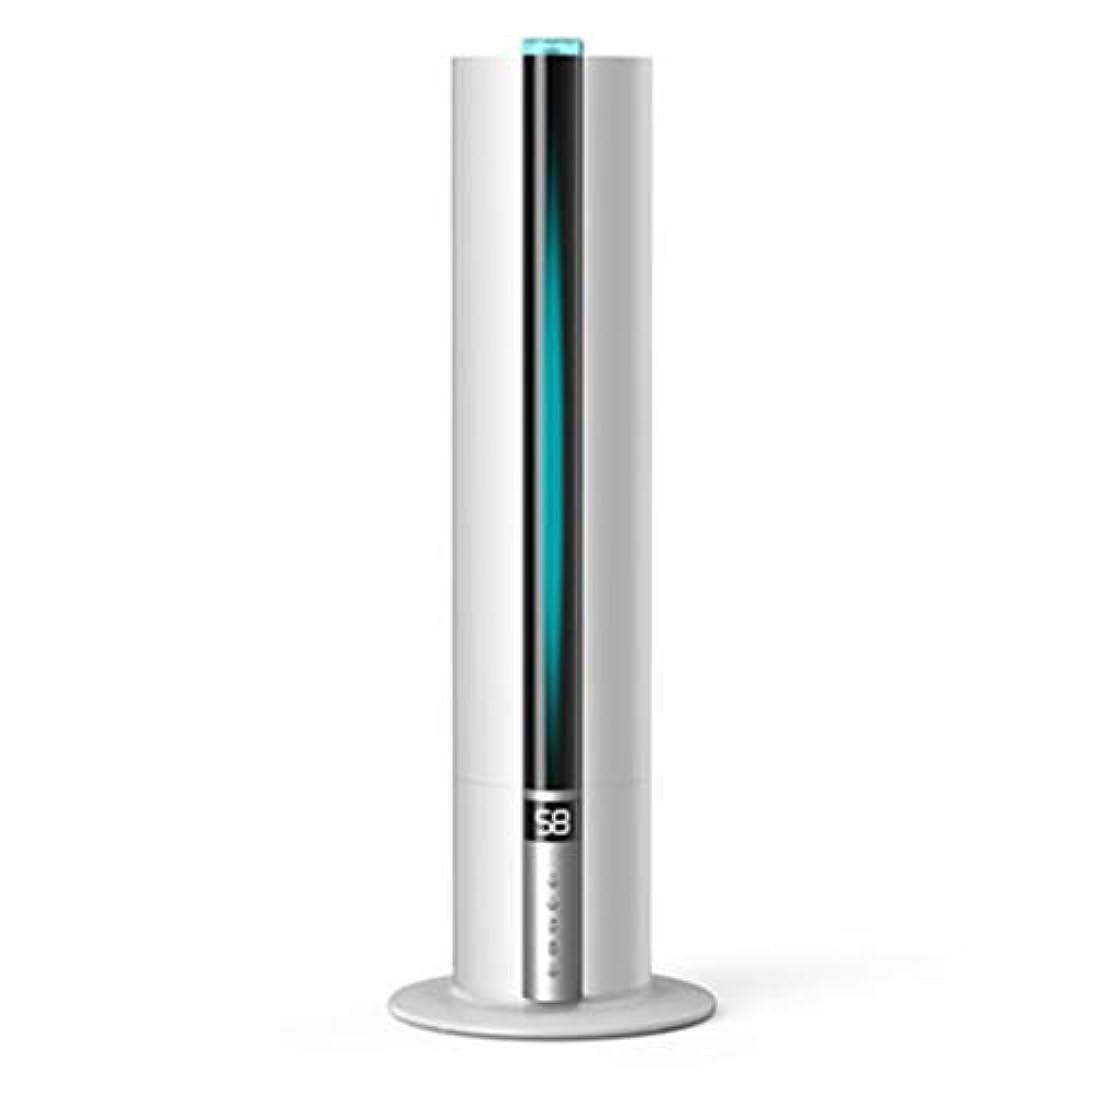 こねるペチュランス硬さ超音波クールミスト加湿器7.5L超静音インテリジェント純恒湿、ウォーターレスオートオフ超静音(色:黒) (Color : White)